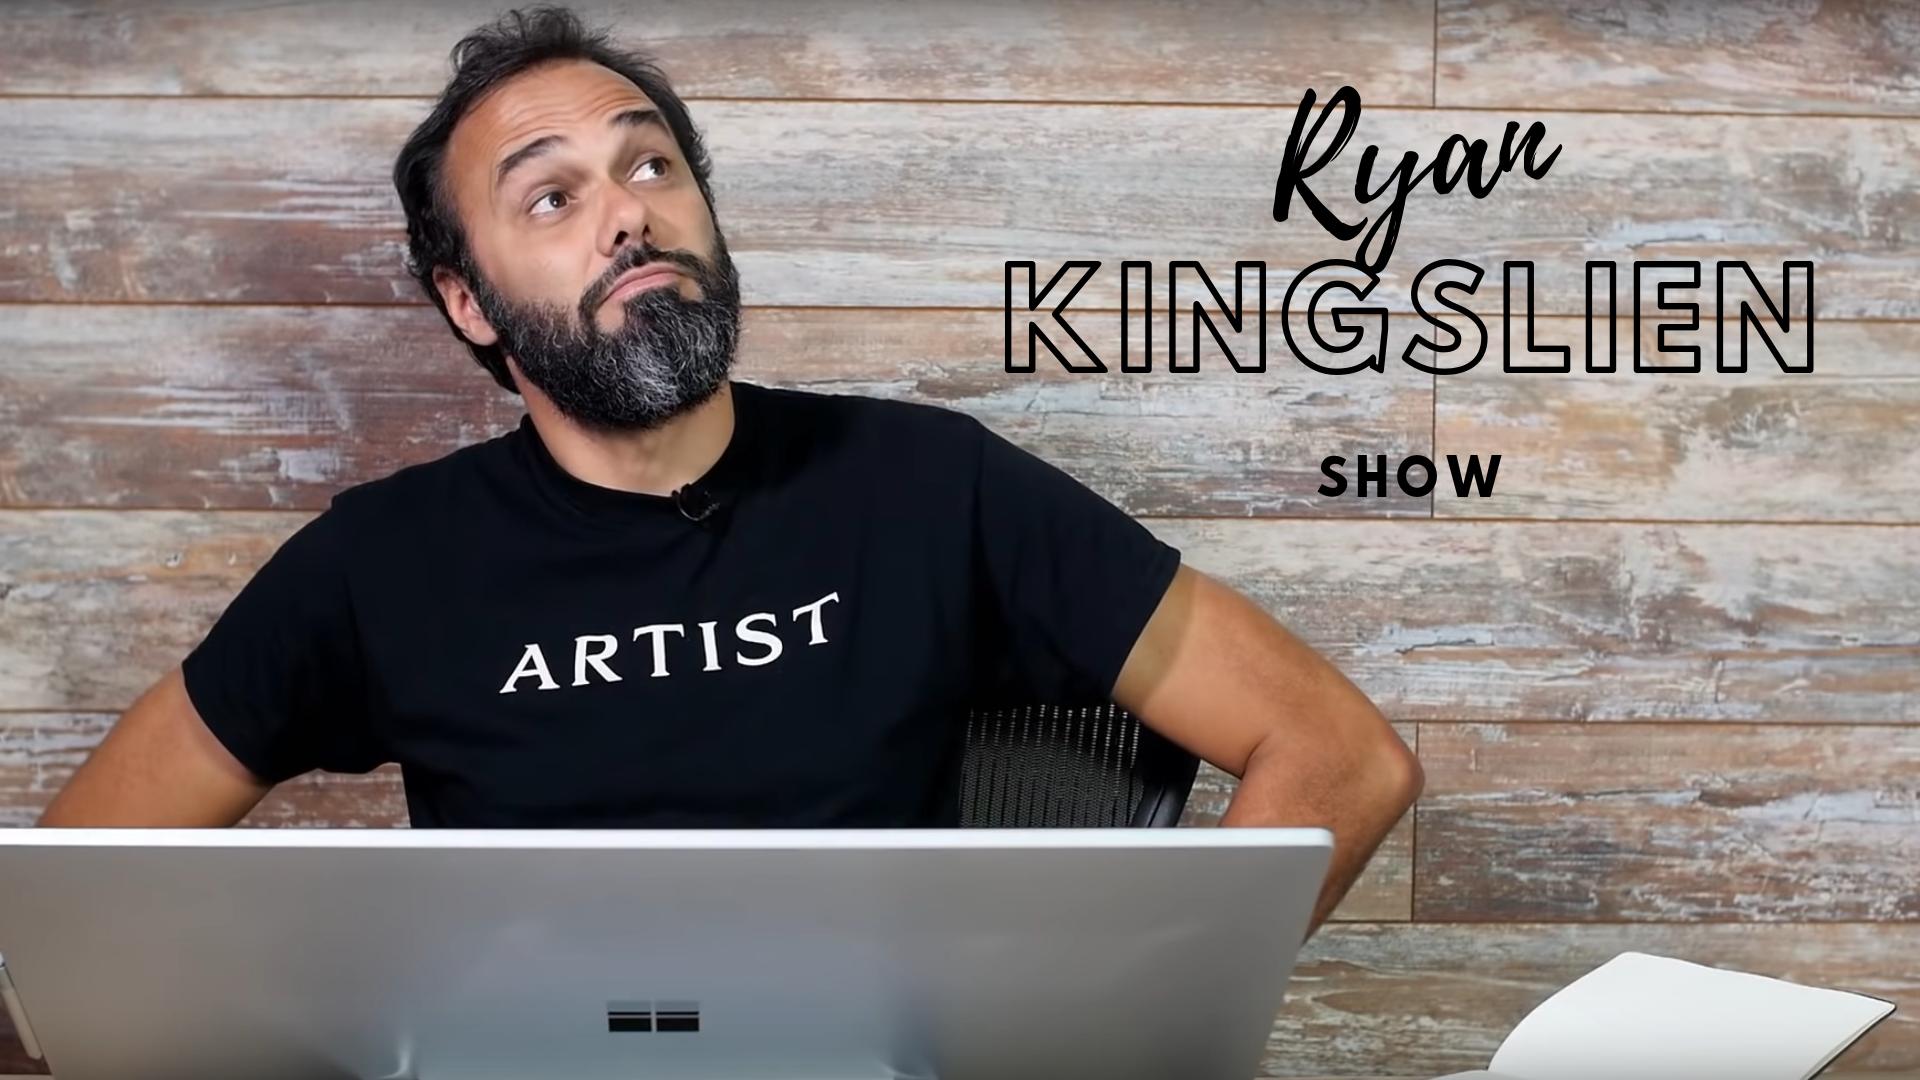 Ryan Kingslien Show 1